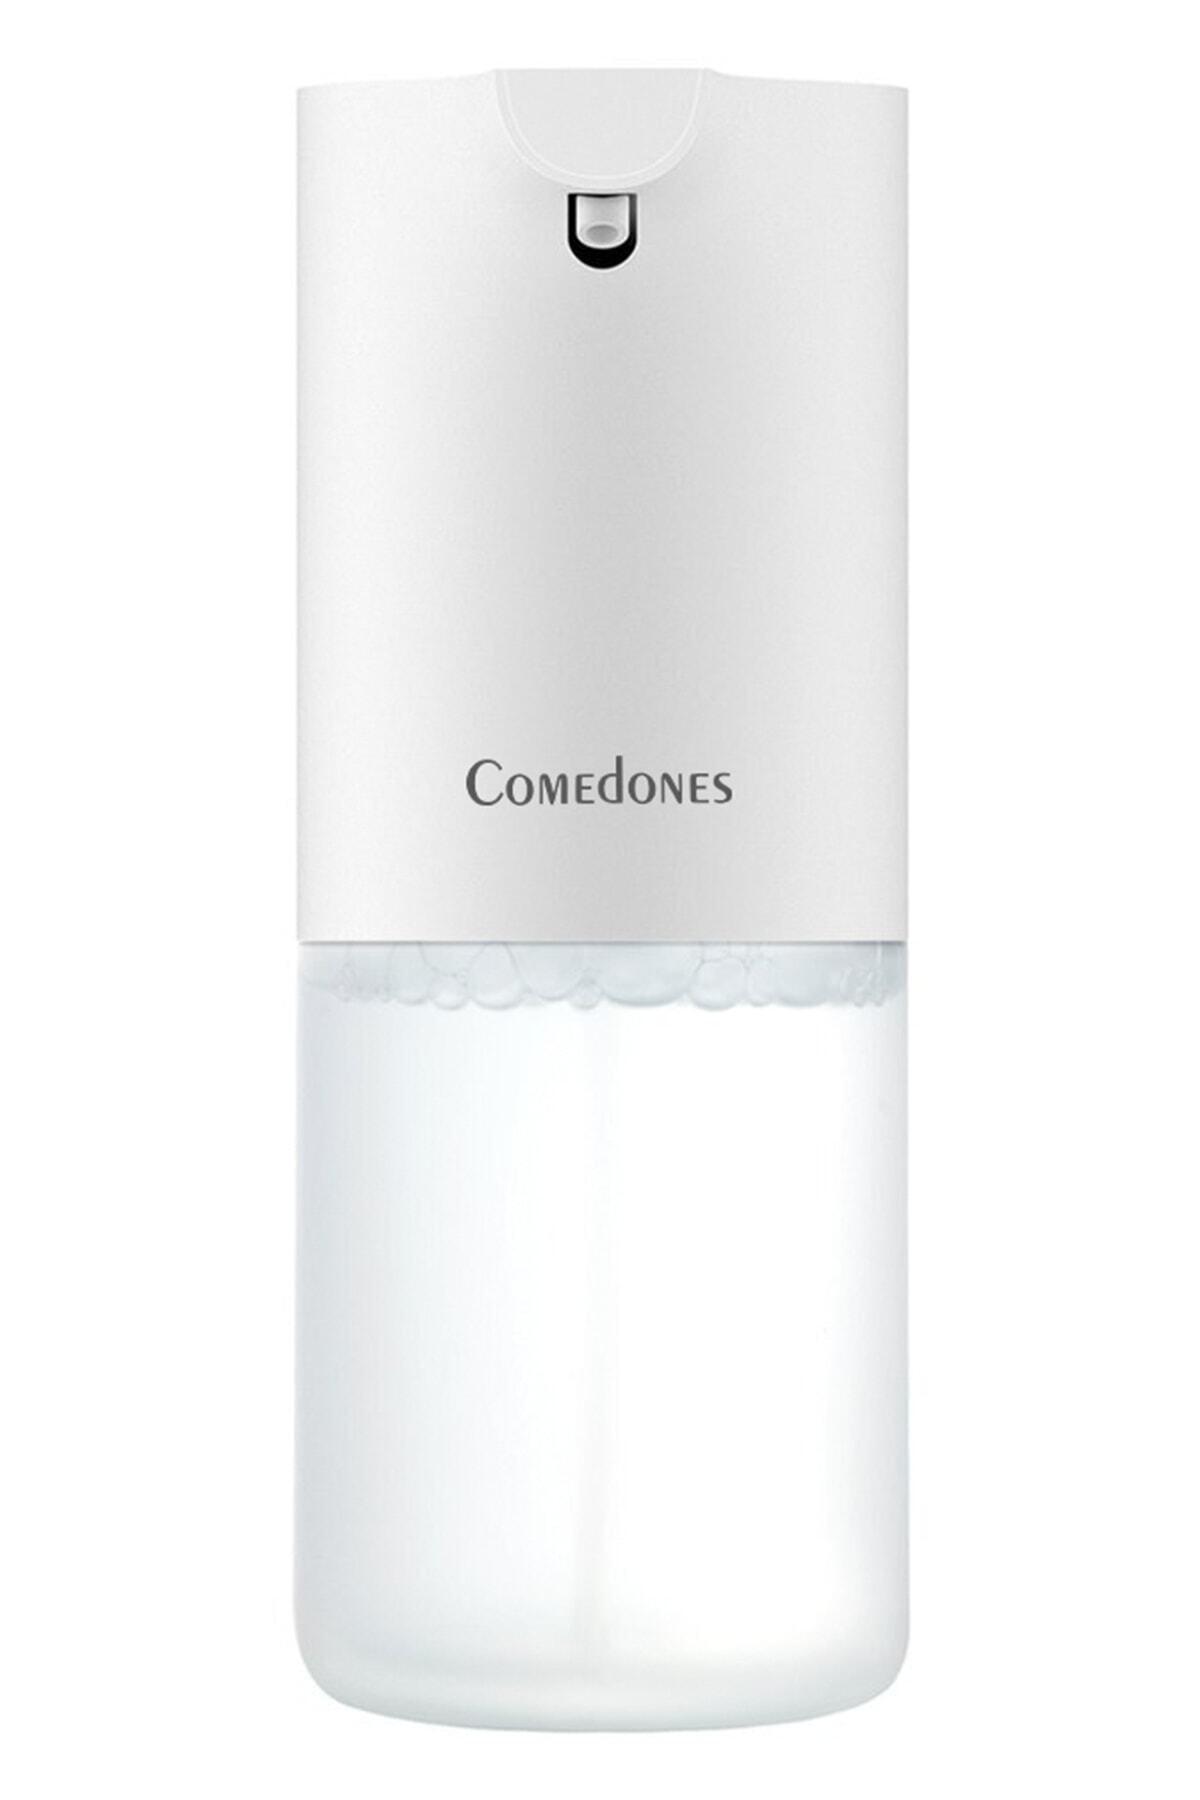 comedones Sensörlü Sıvı Sabunluk Makinesi 2